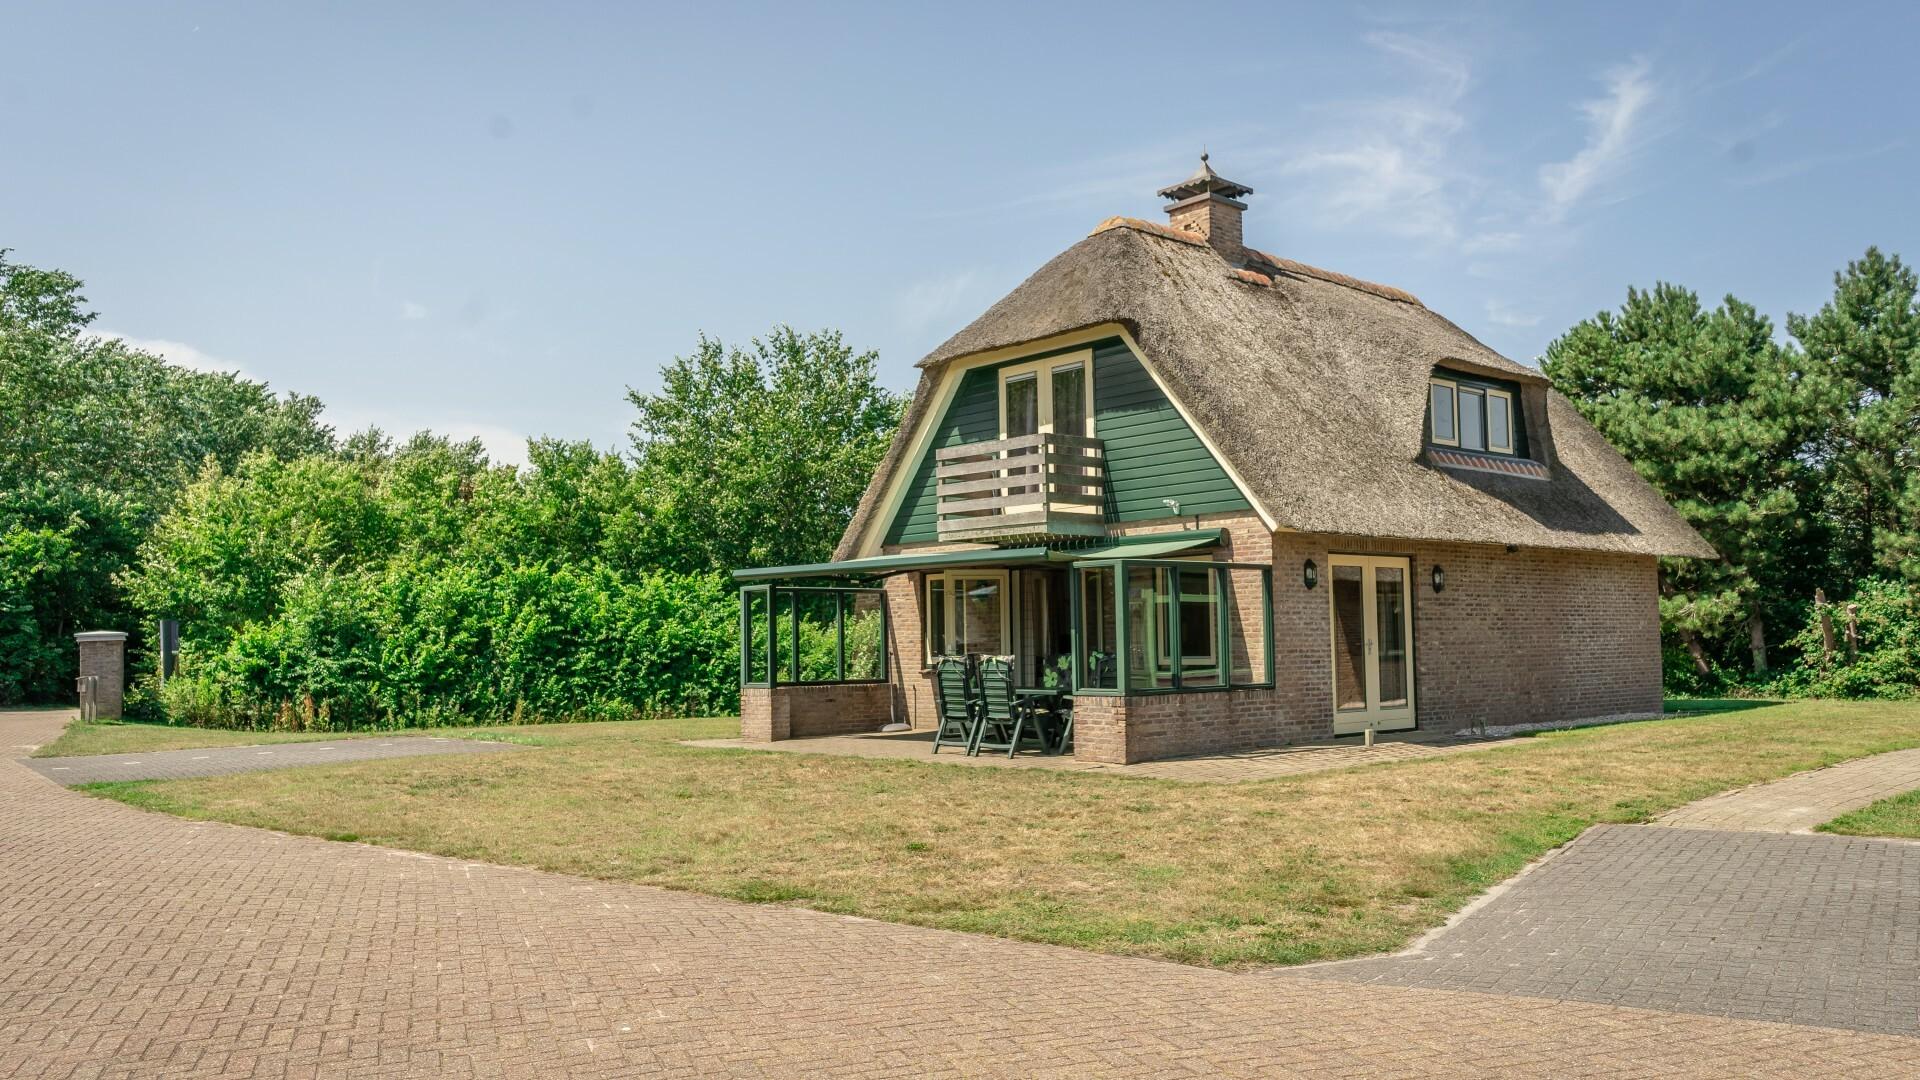 Villa zonder serre Villapark het buitenhof VVV Texel